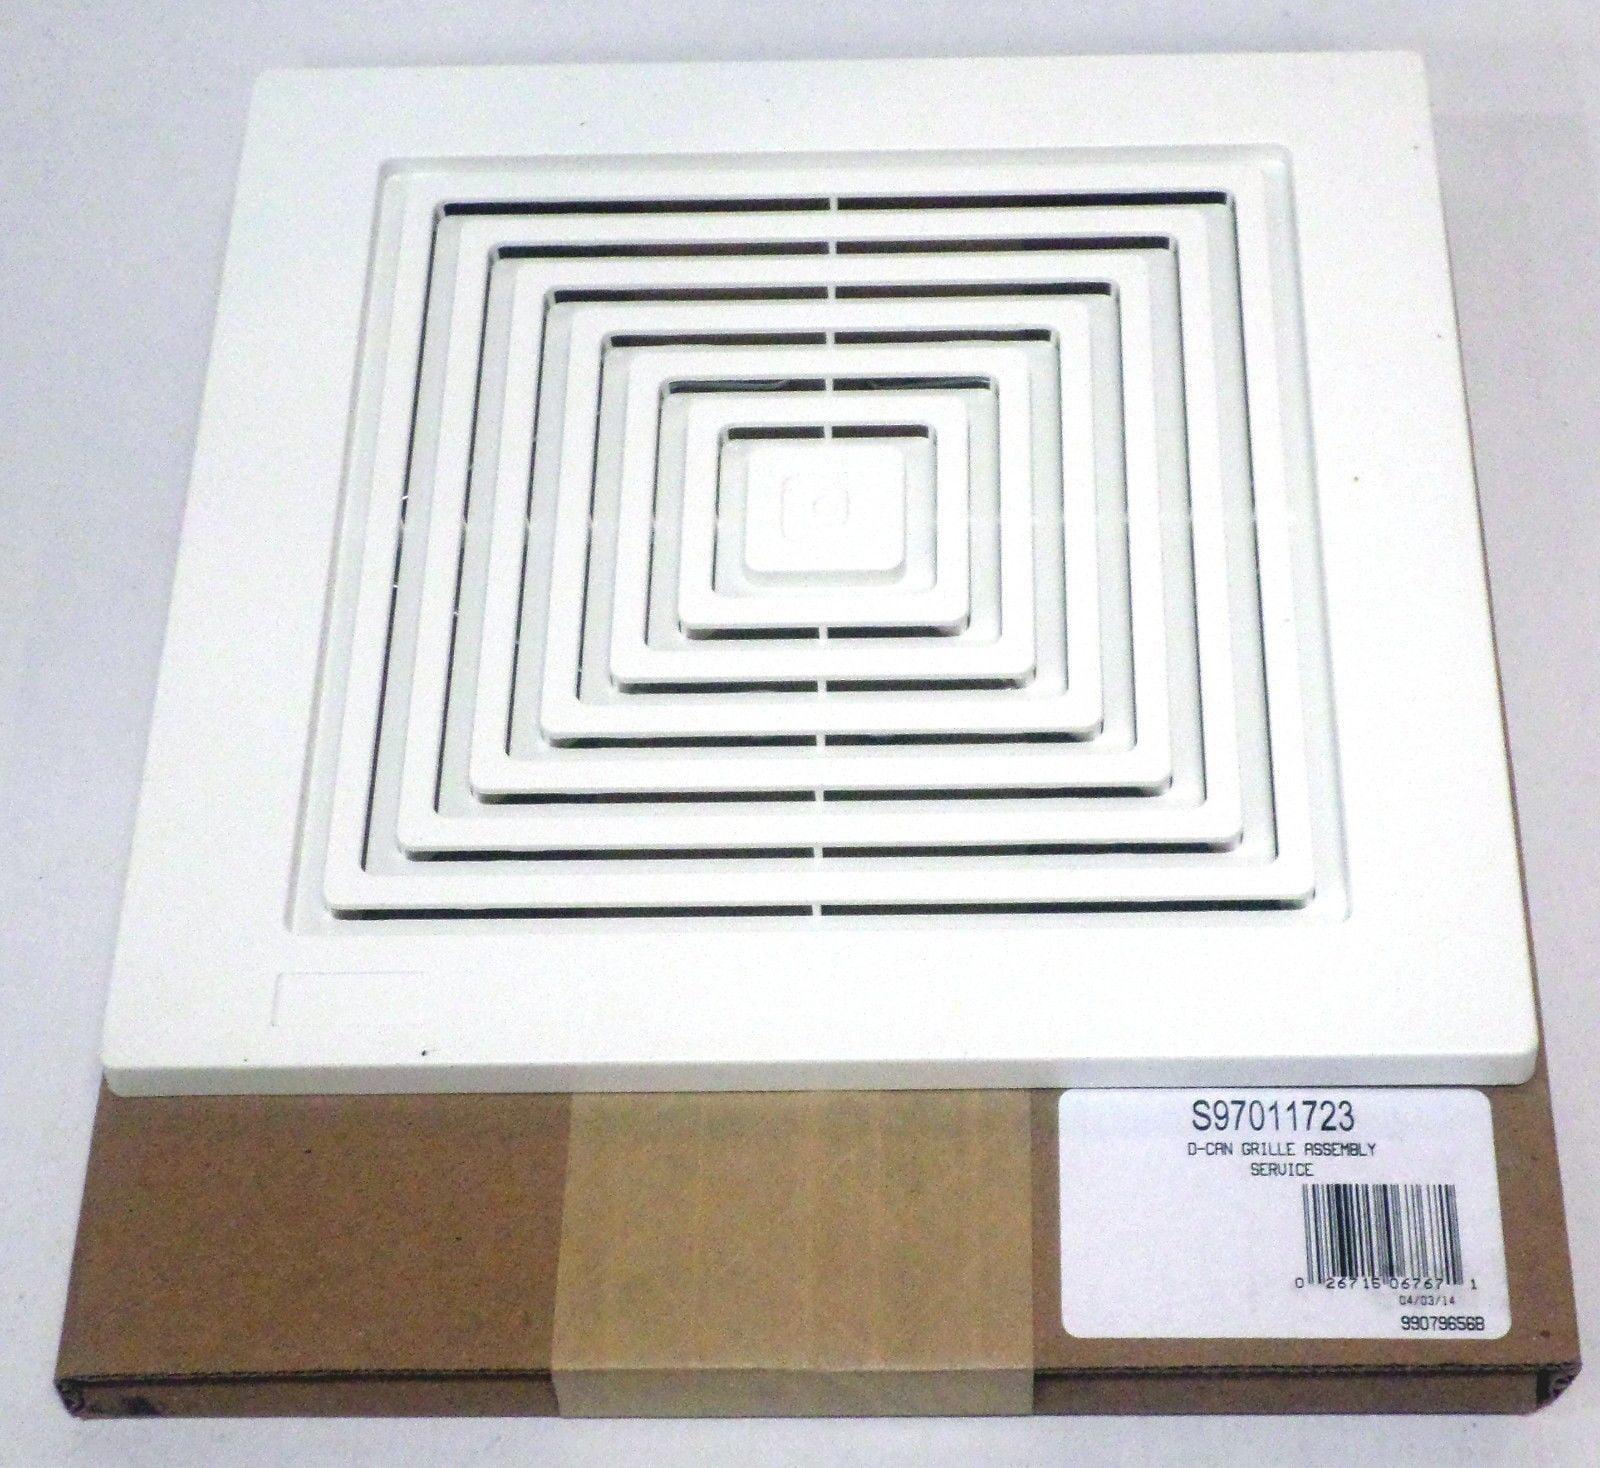 Broan Nutone 97011723 Bath Bathroom, Bathroom Fan Covers